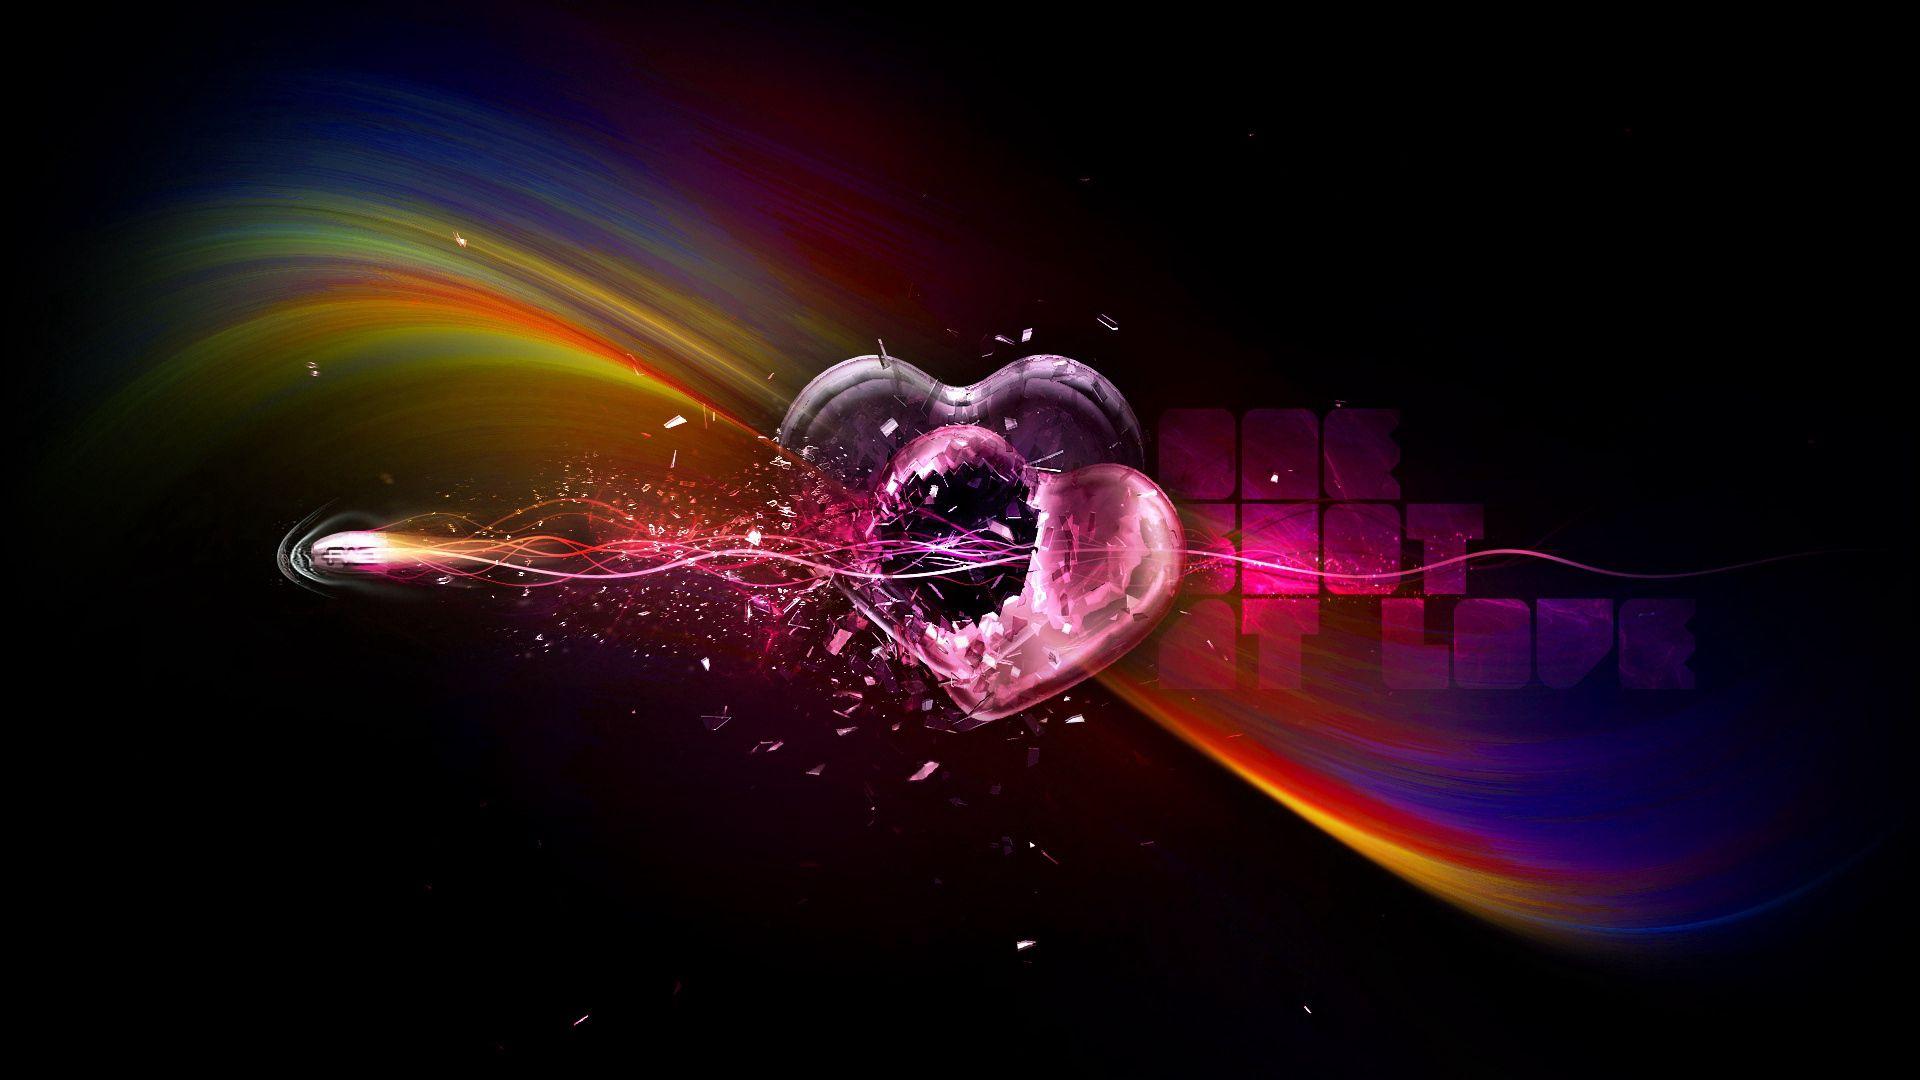 127480 télécharger le fond d'écran Amour, Un Cœur, Cœur, Coupler, Paire, Multicolore, Hétéroclite, Ombre - économiseurs d'écran et images gratuitement